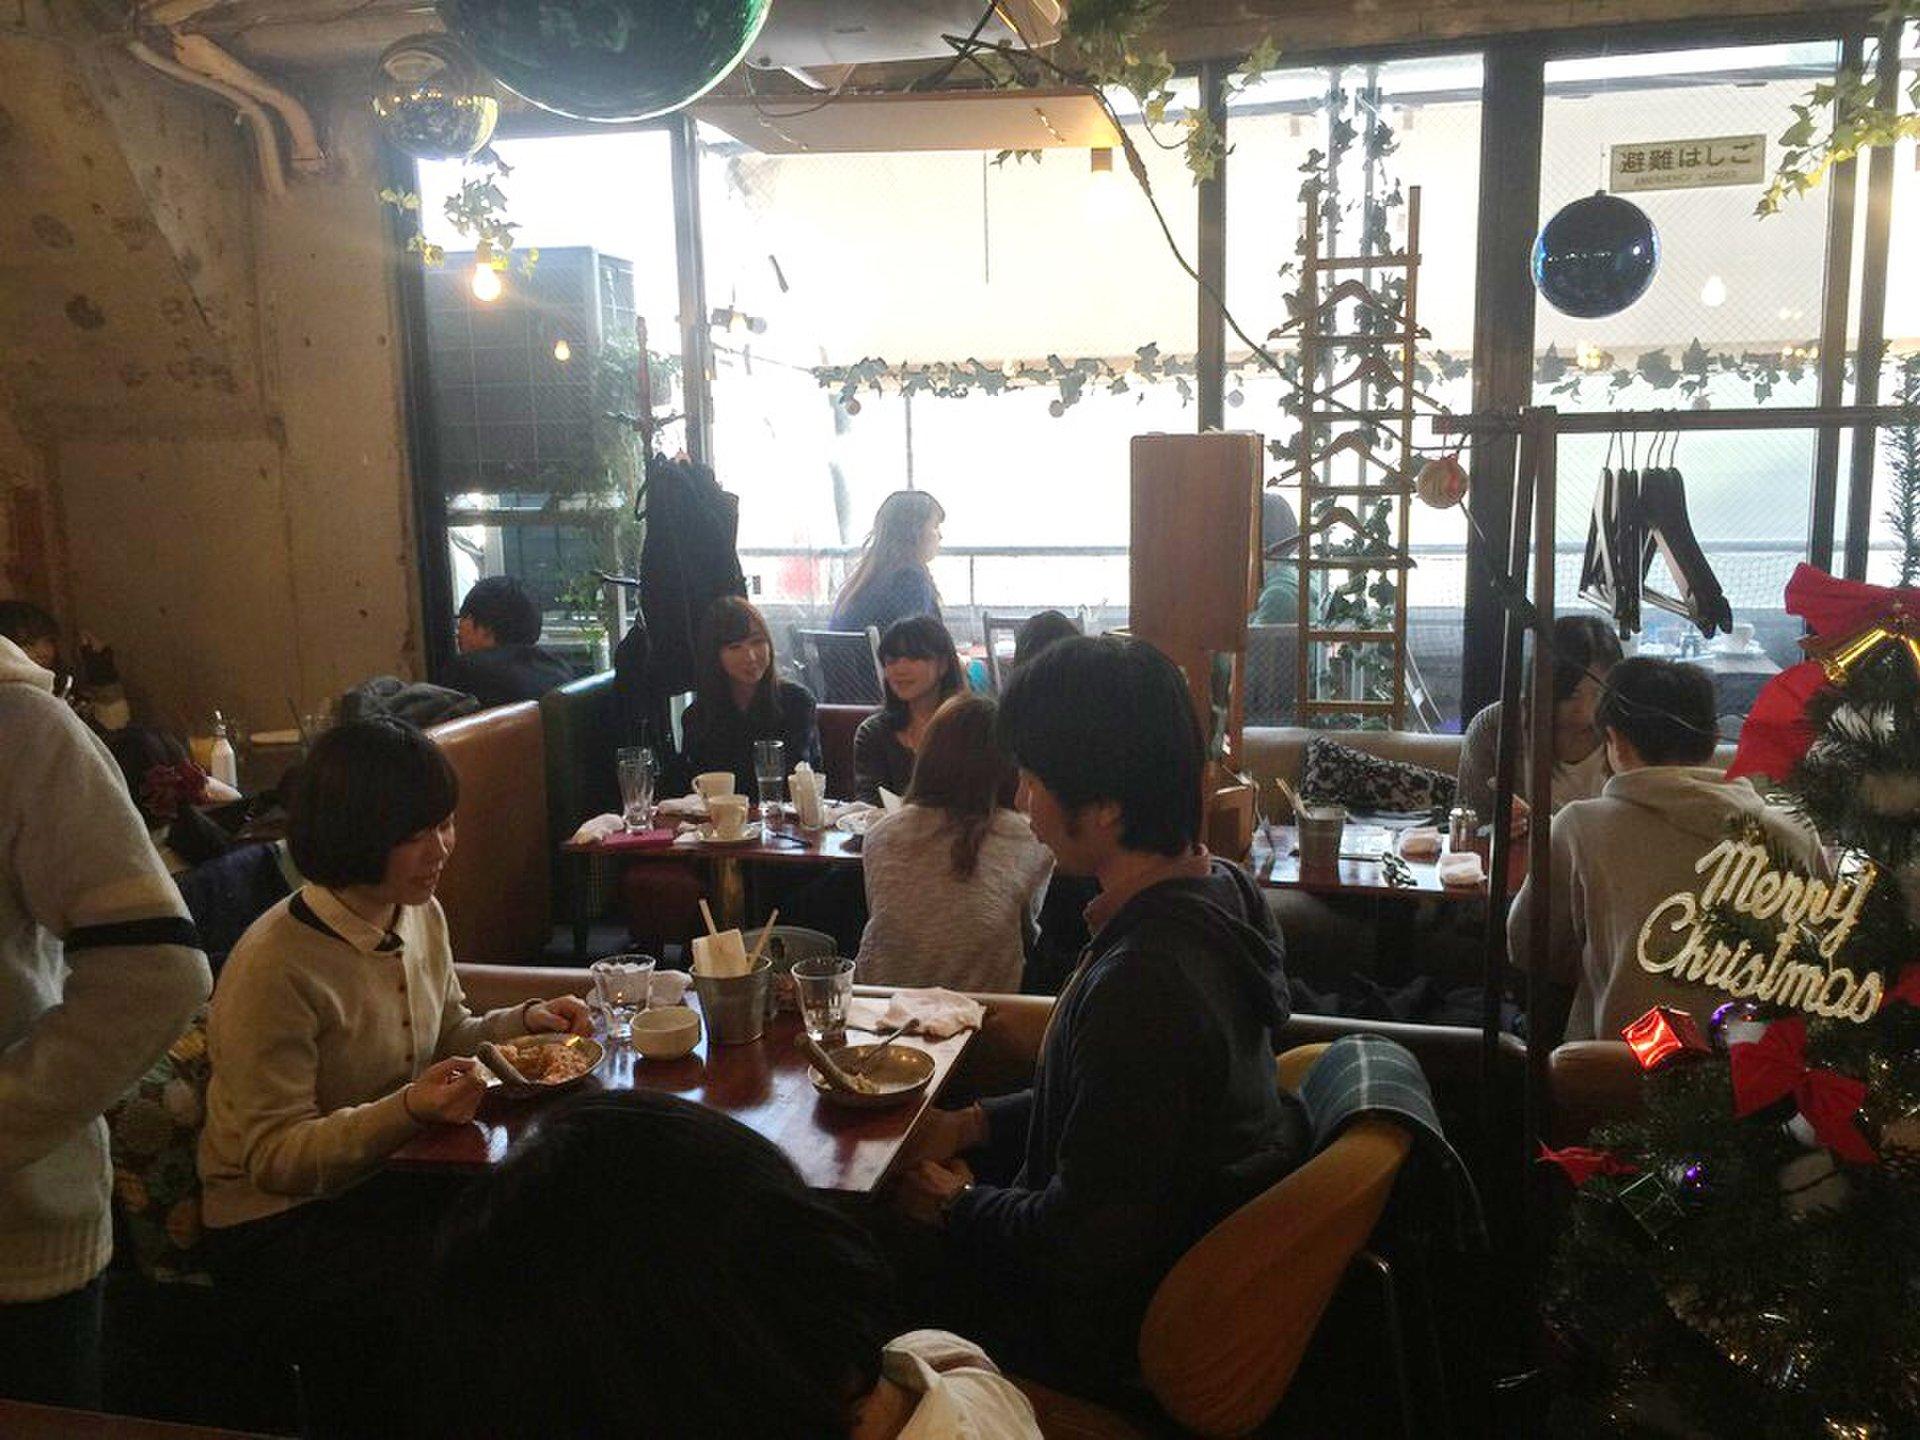 「Risotto Cafe 東京基地」のテラスで美味しいリゾットを!【渋谷デートにおすすめ】